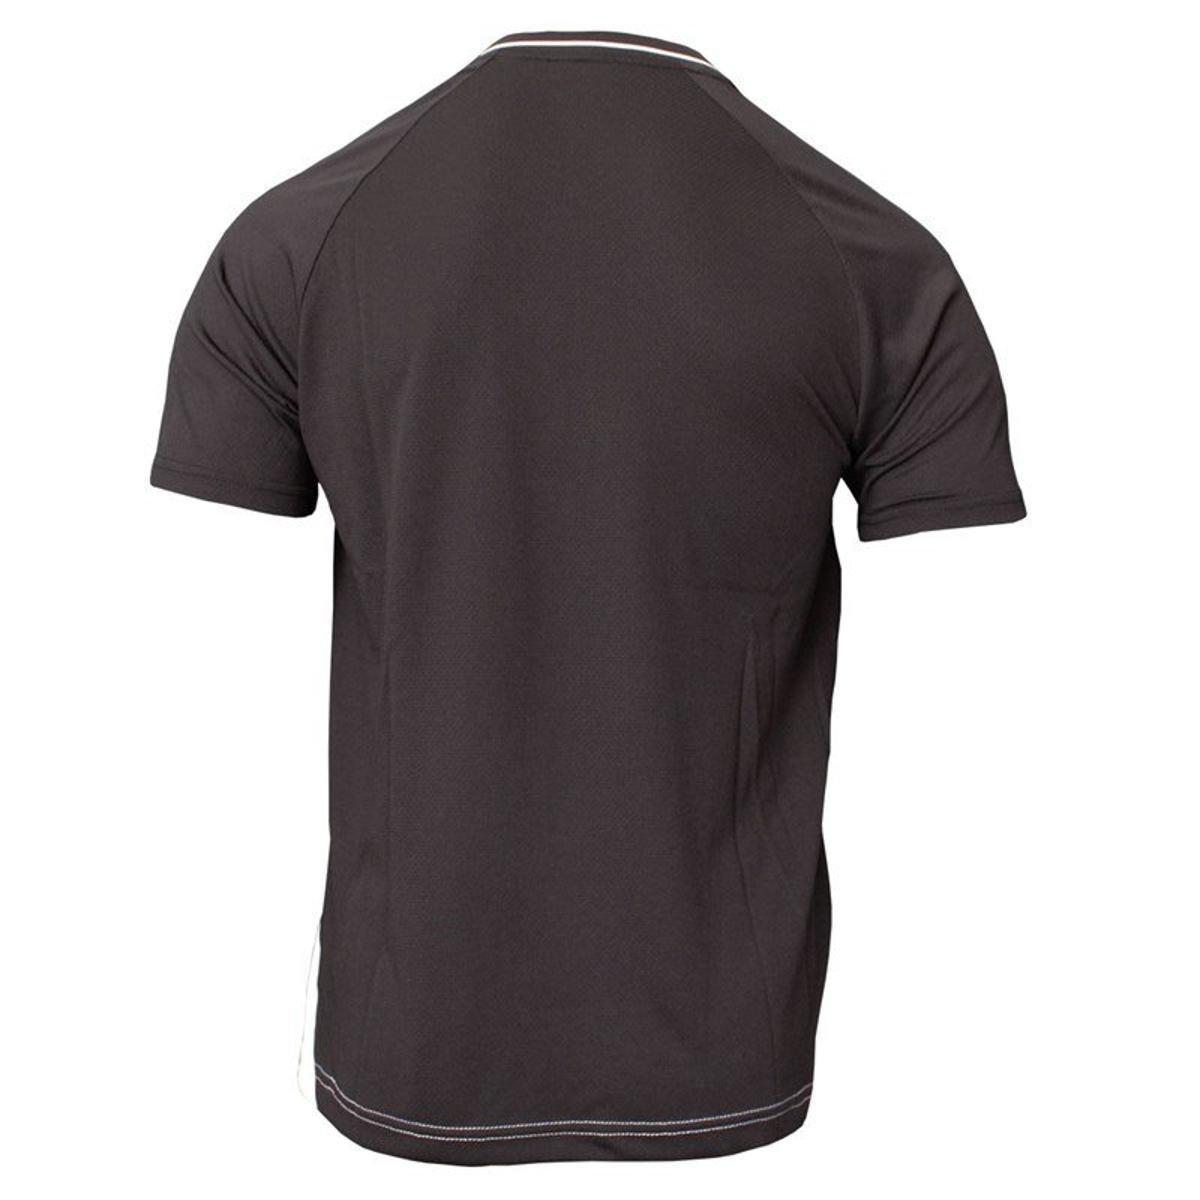 Camisa Topper Futebol Vector II Masculina - Branco e Preto - Compre ... 1a5c7cf264b6a